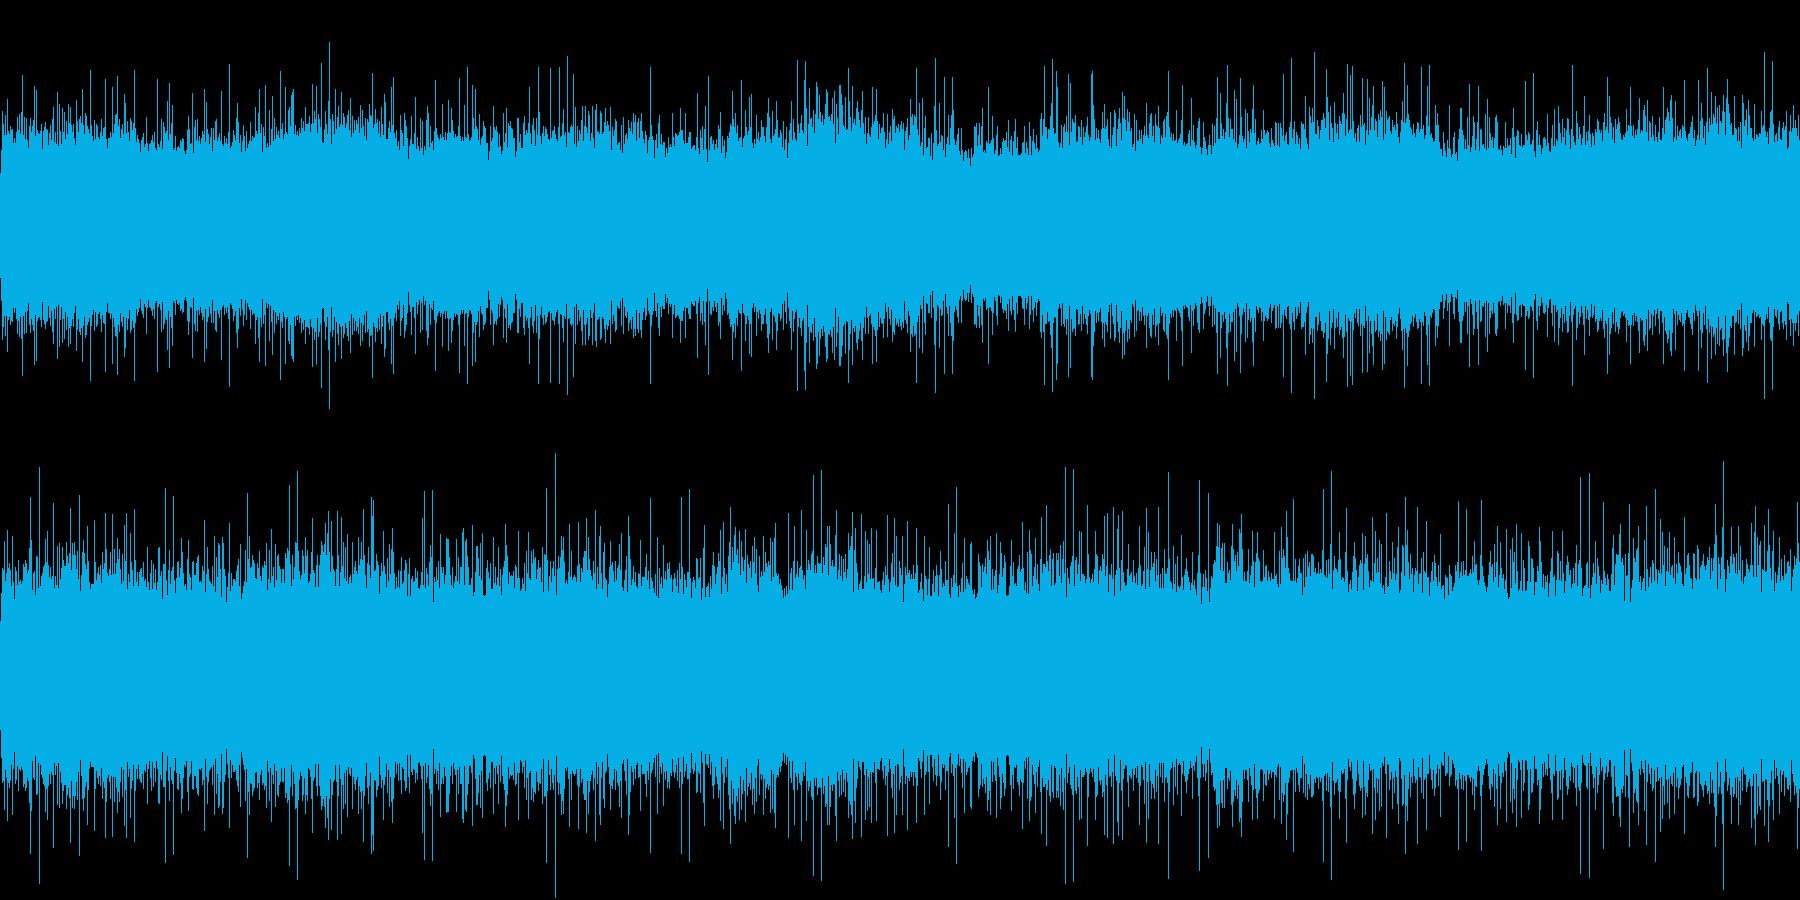 【環境音25分】晴れの田舎の小川、鳥や虫の再生済みの波形